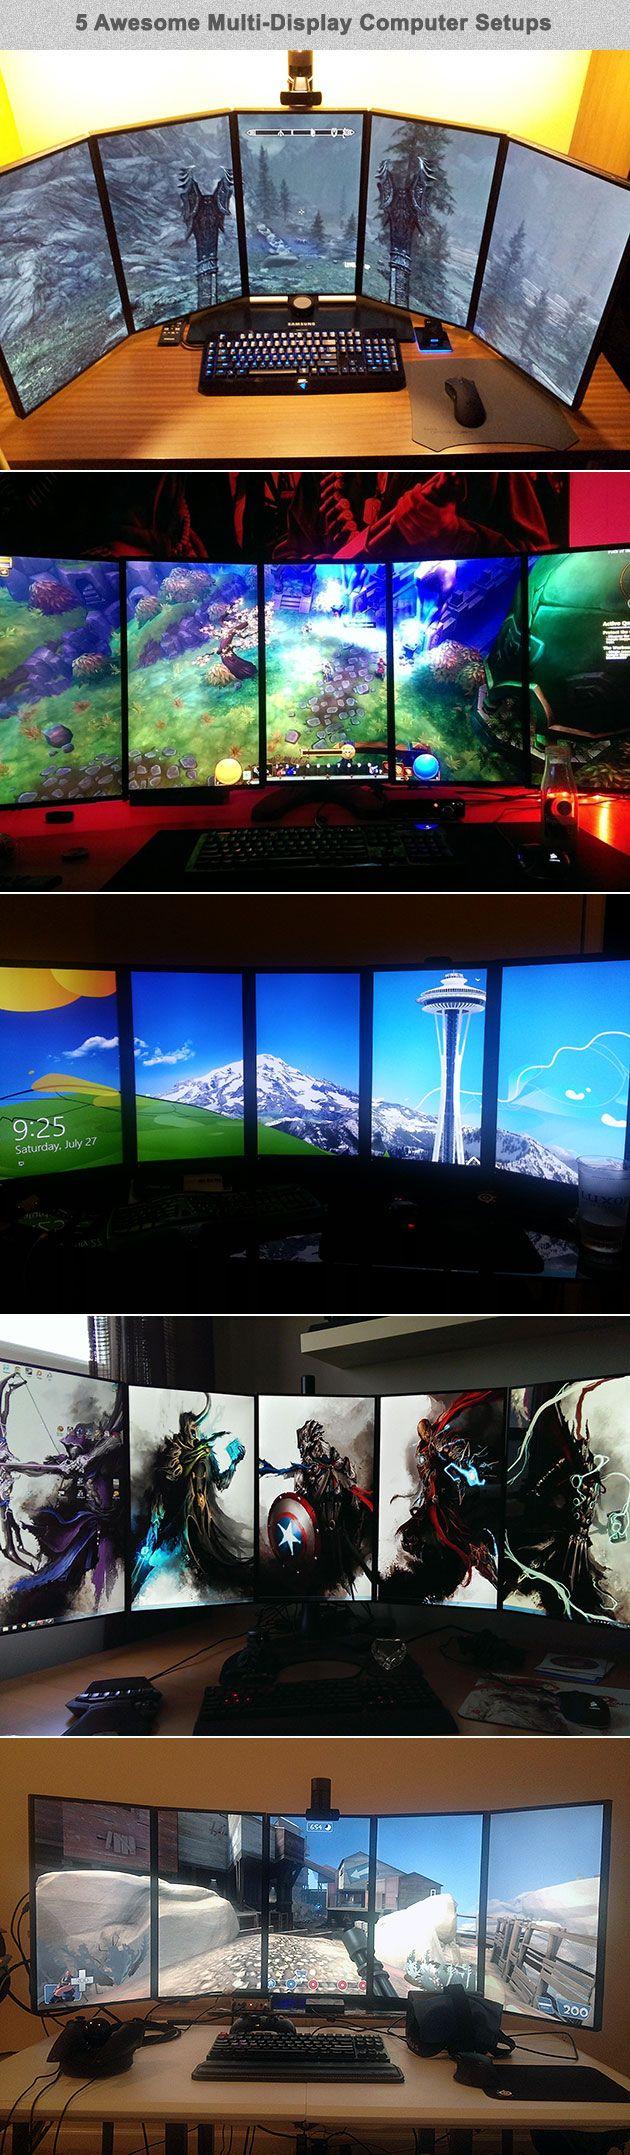 5 display computer setups